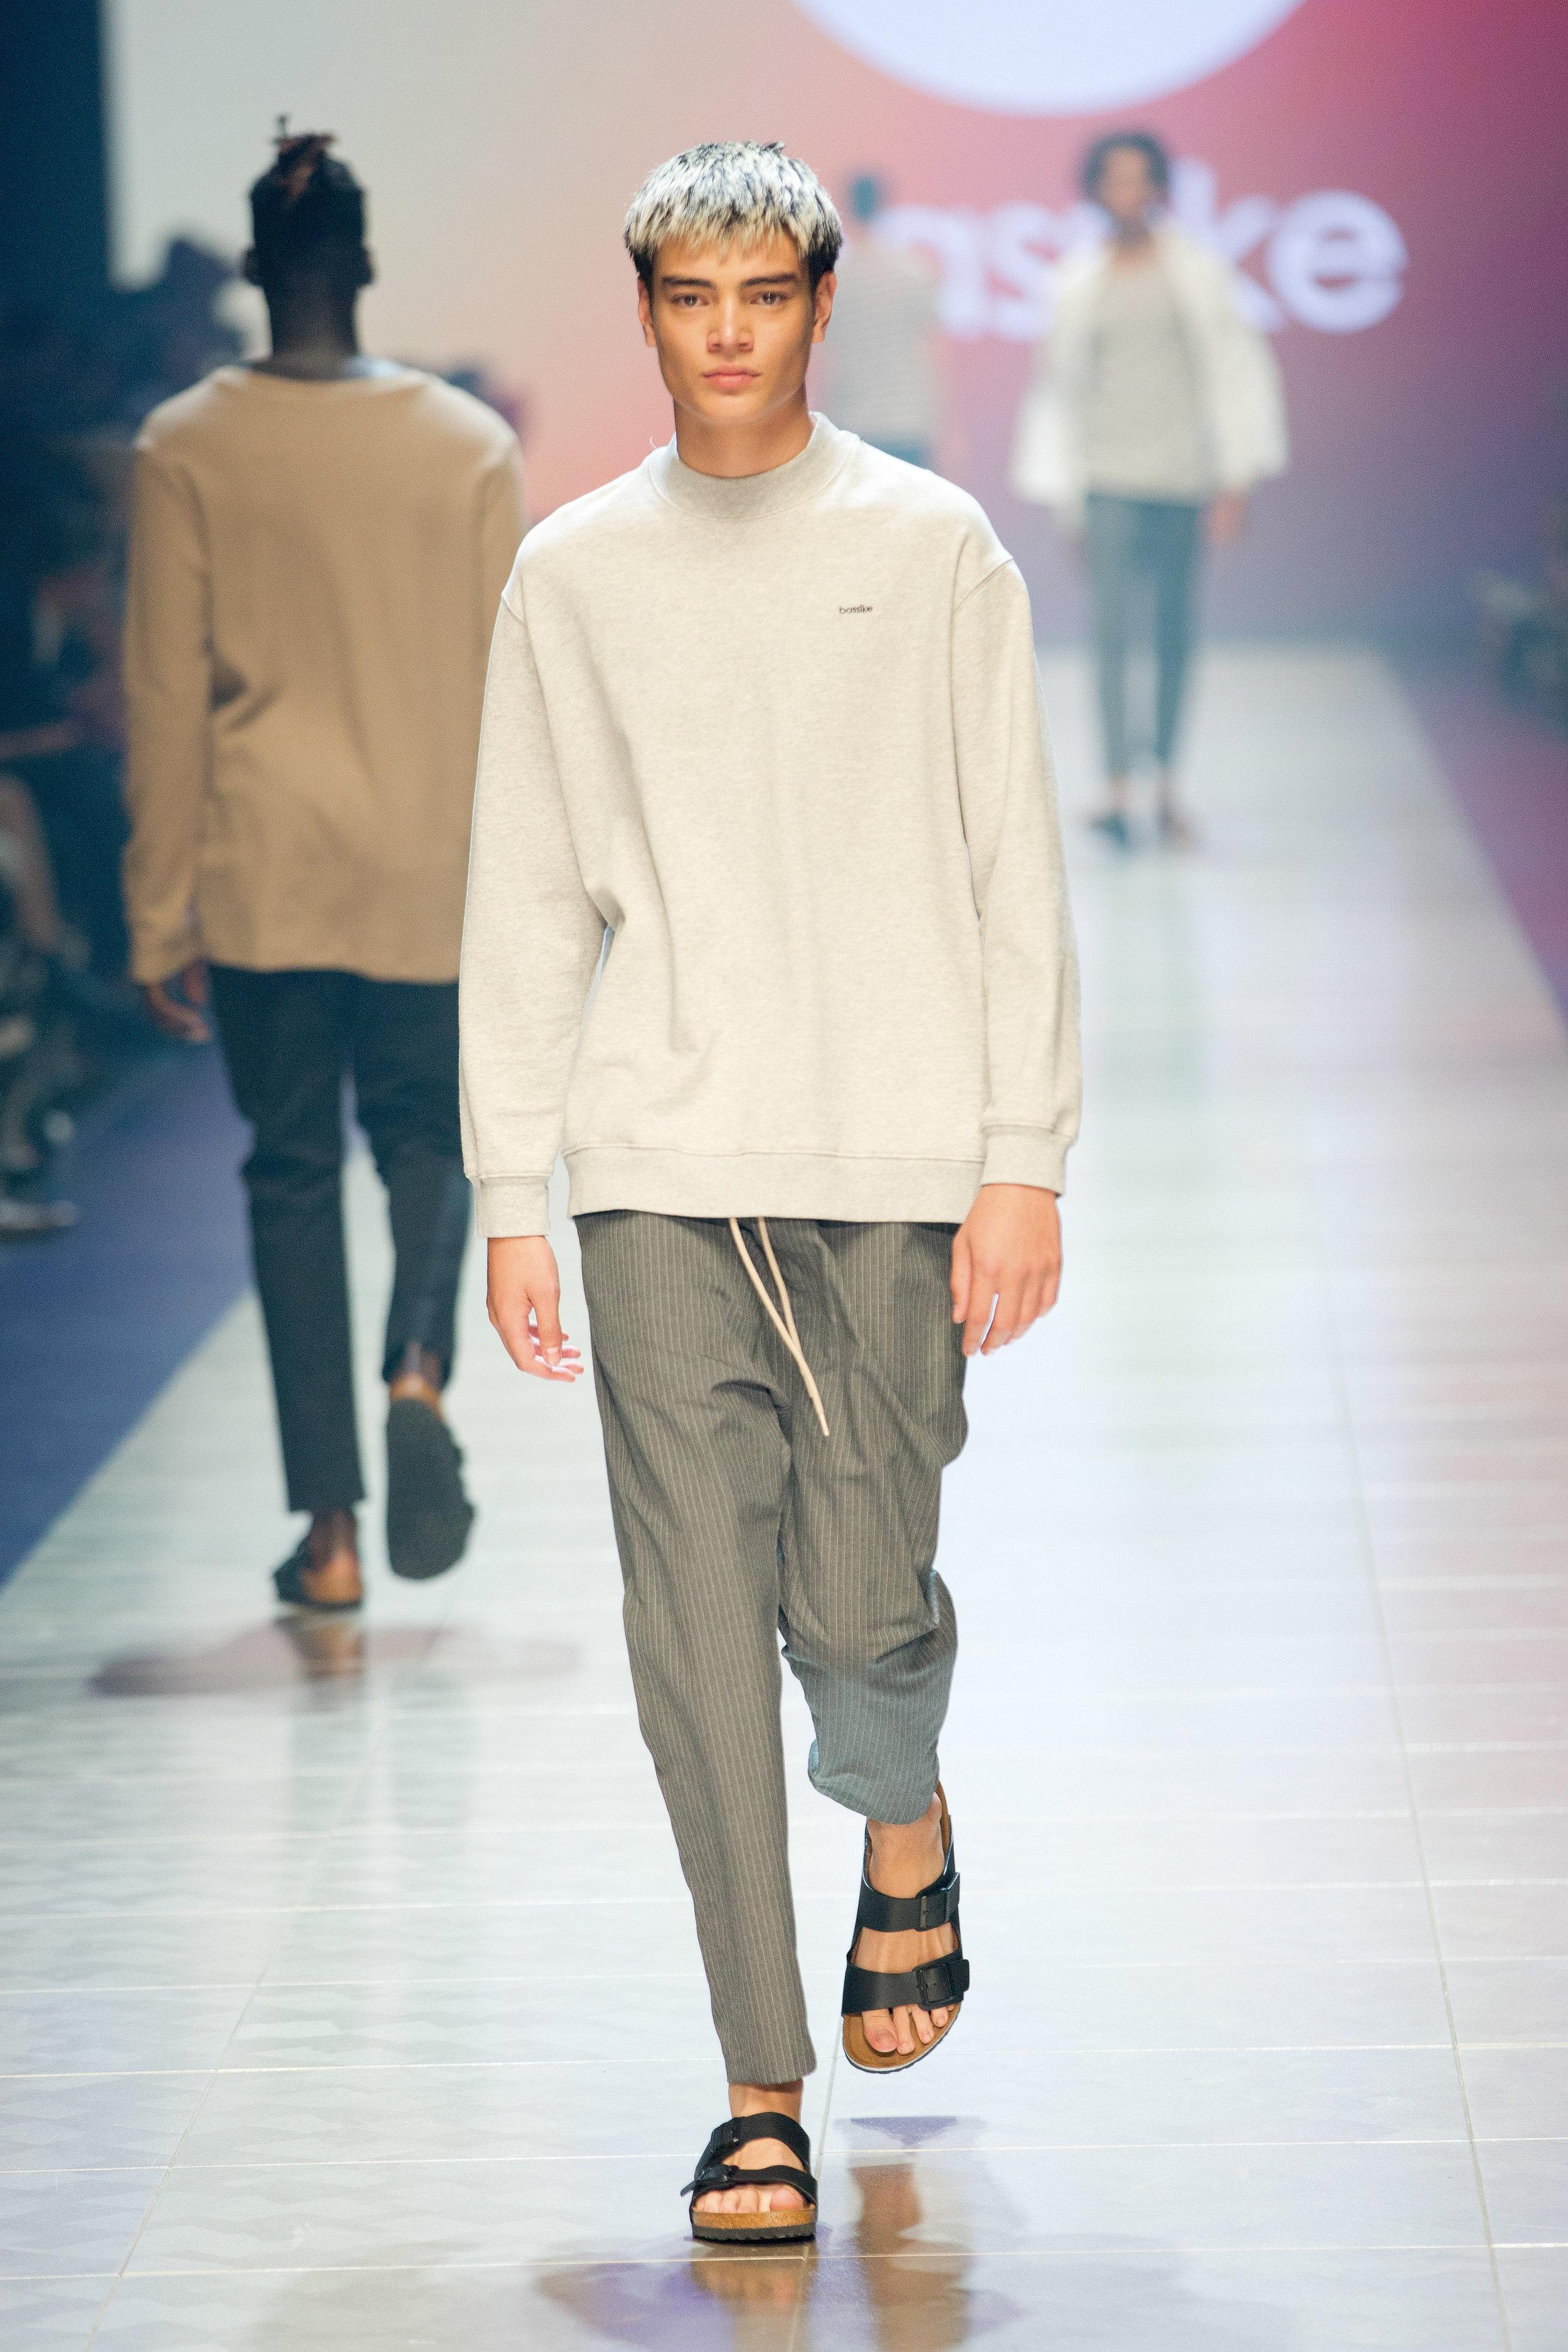 VAMFF2019_GQ Menswear-261.jpg